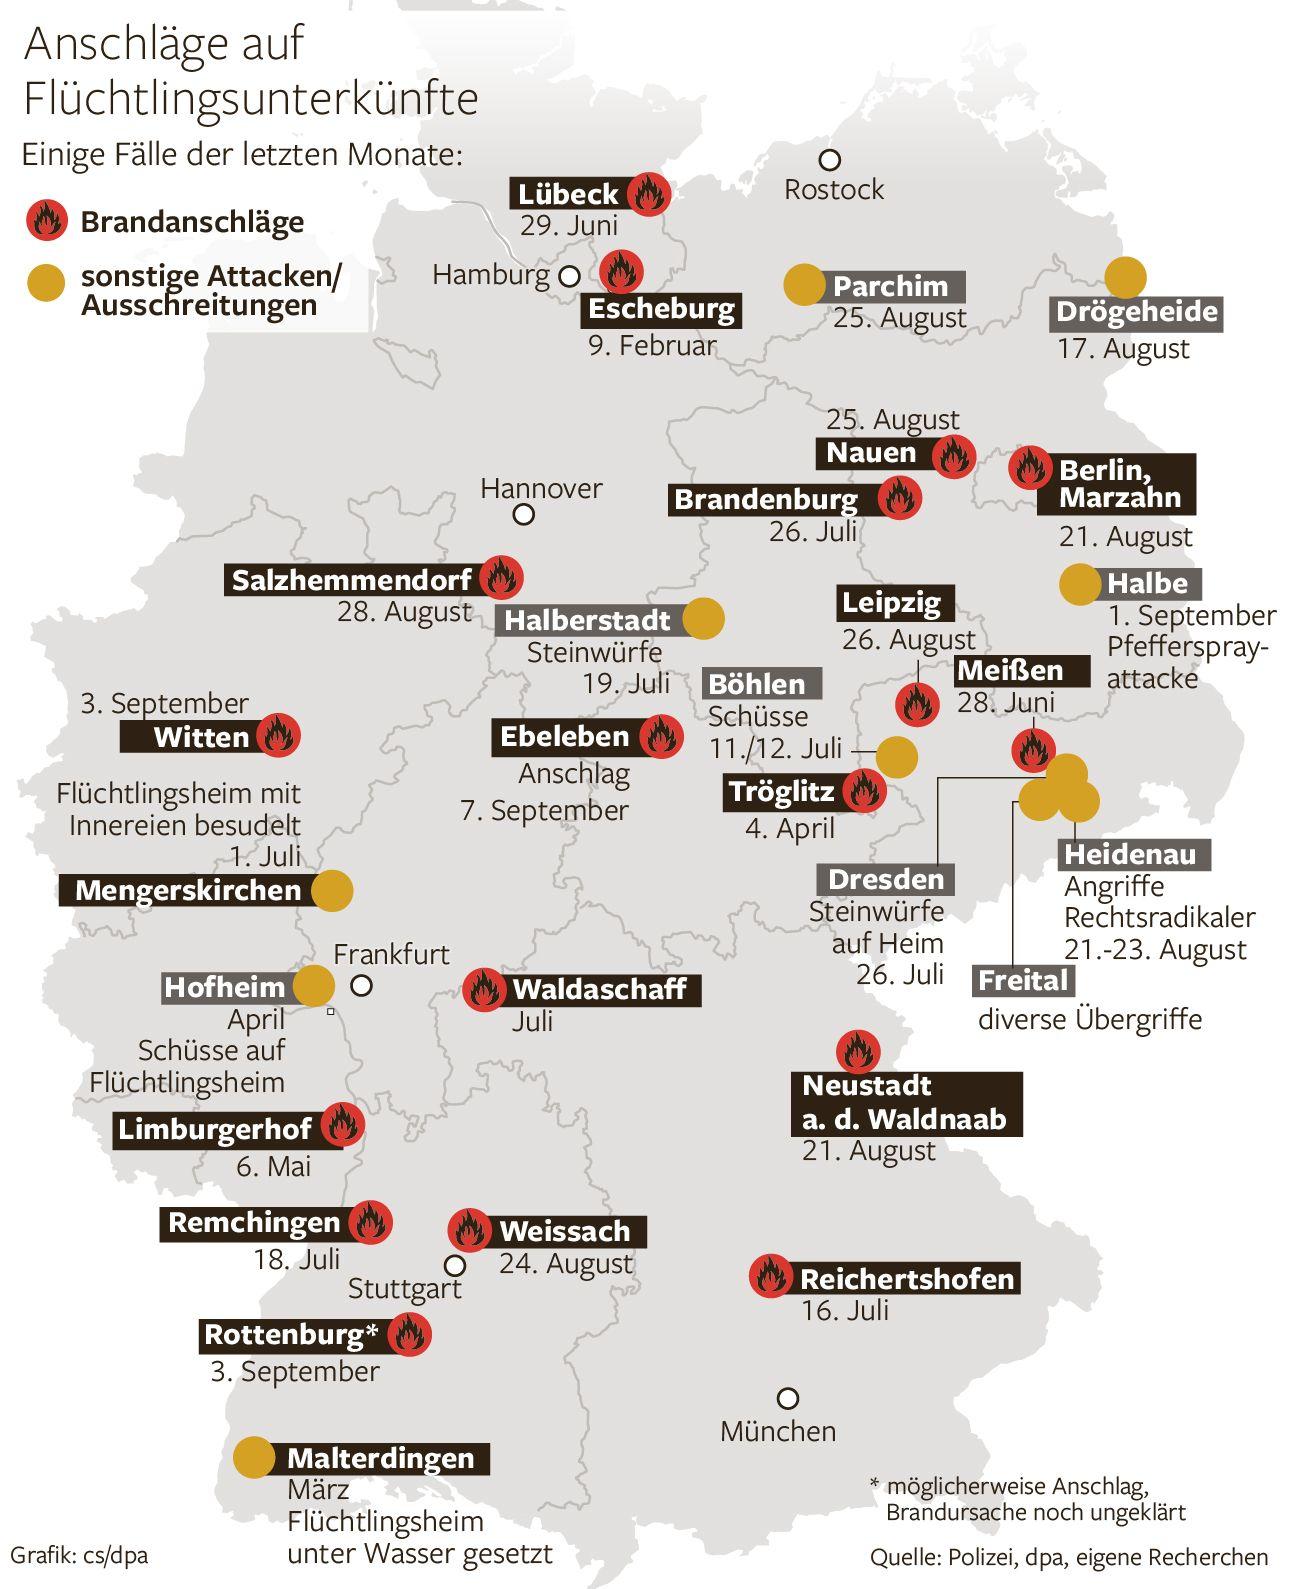 Die schlimmsten Anschläge auf Flüchtlingsunterkünfte in Deutschland. Grafi: C. Schlippes Erschienen in der Berliner Morgenpost